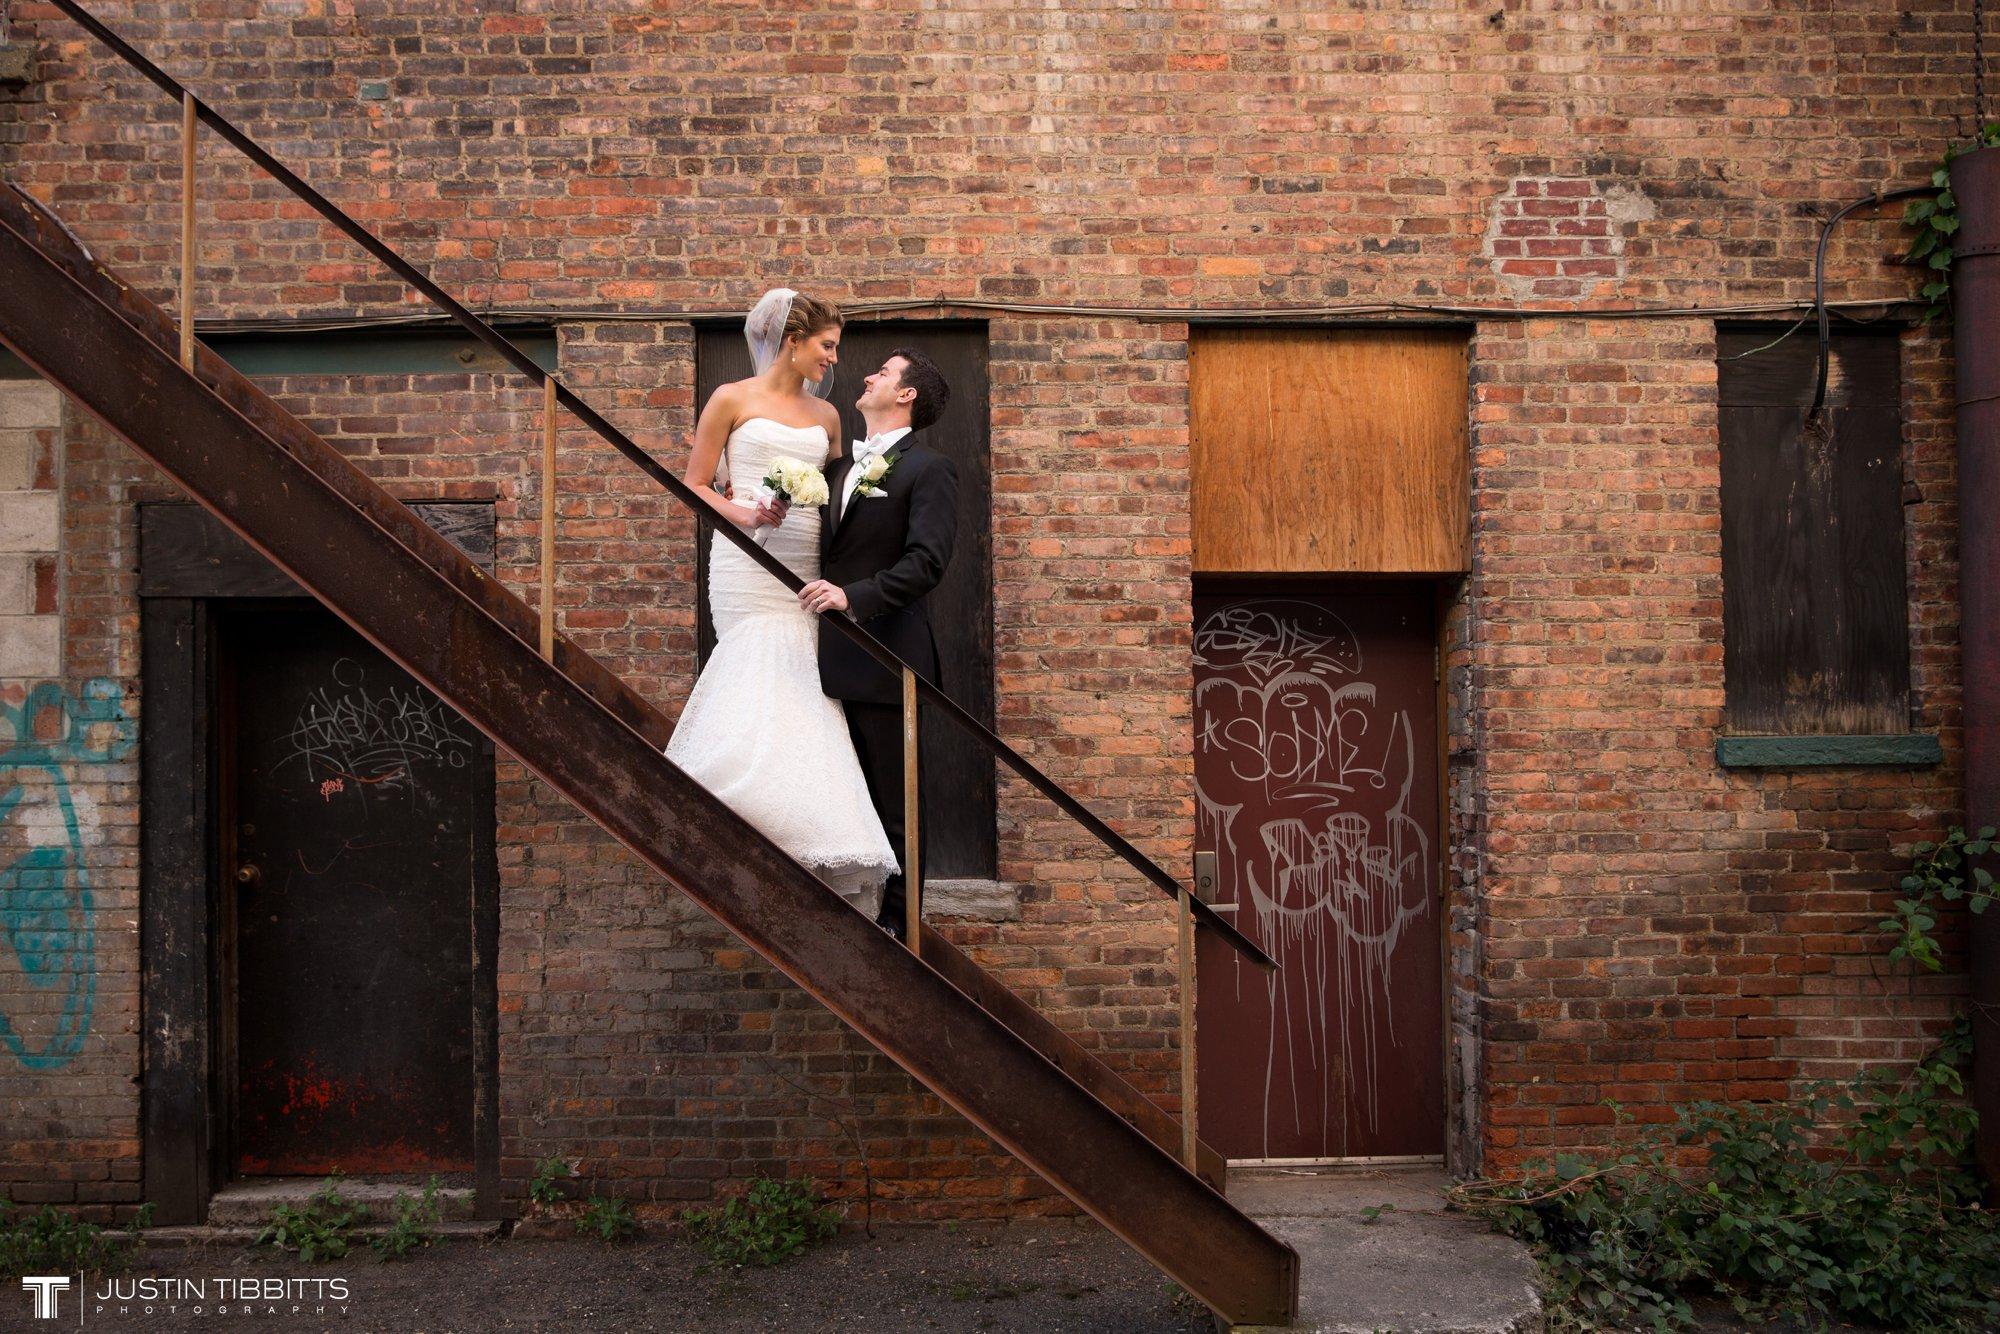 Albany NY Wedding Photographer Justin Tibbitts Photography 2014 Best of Albany NY Weddings-2534116